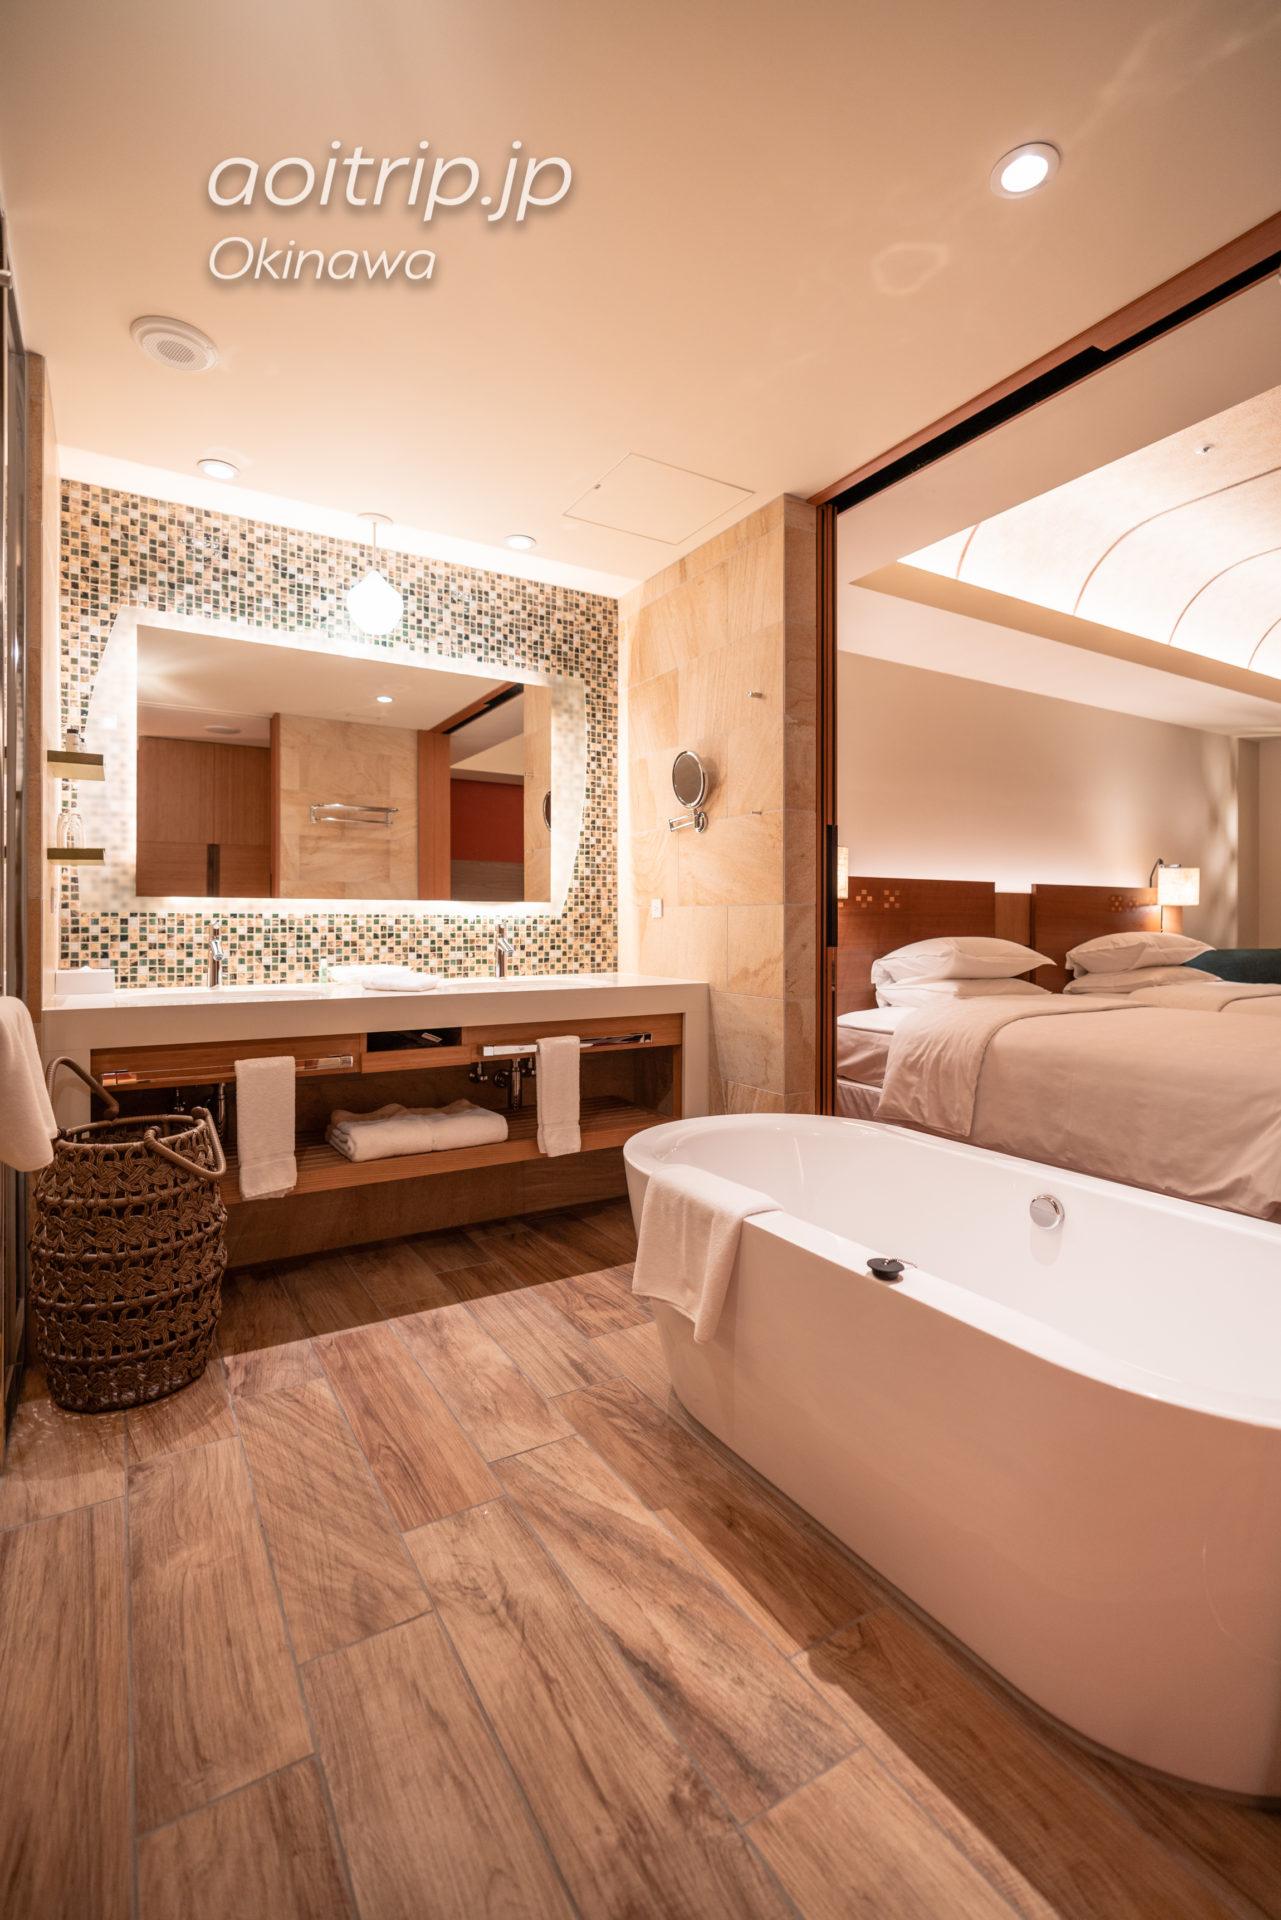 シェラトン沖縄サンマリーナ リゾート Sheraton Okinawa Sunmarina Resort プレミアム オーシャン ツイン オーシャンビュー, サウスタワー Premium Ocean Twin, Guest room バスルーム